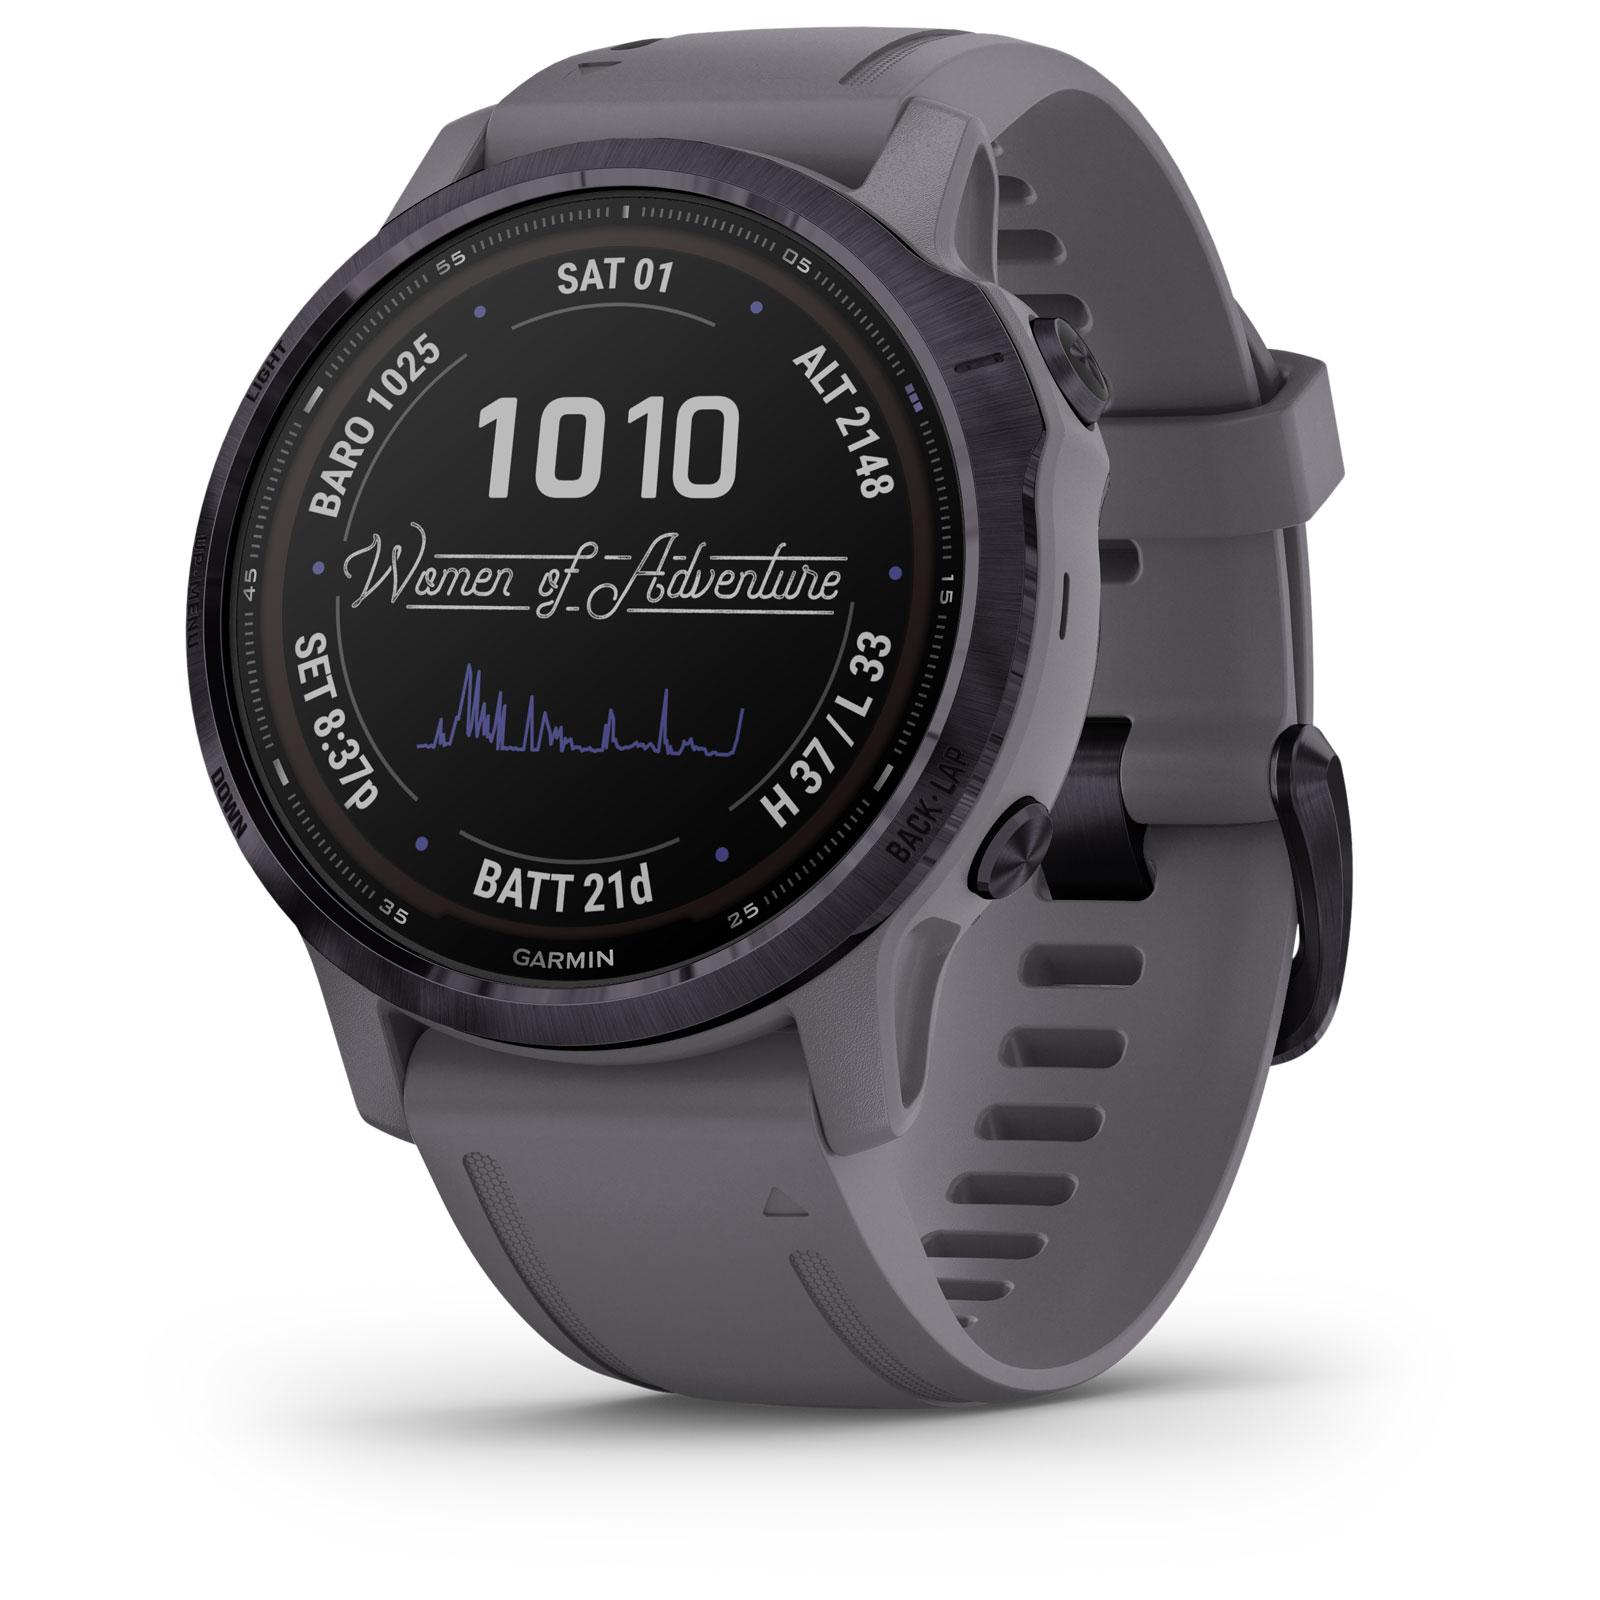 Produktbild von Garmin fenix 6s Pro Solar GPS Smartwatch - schiefergrau/lila